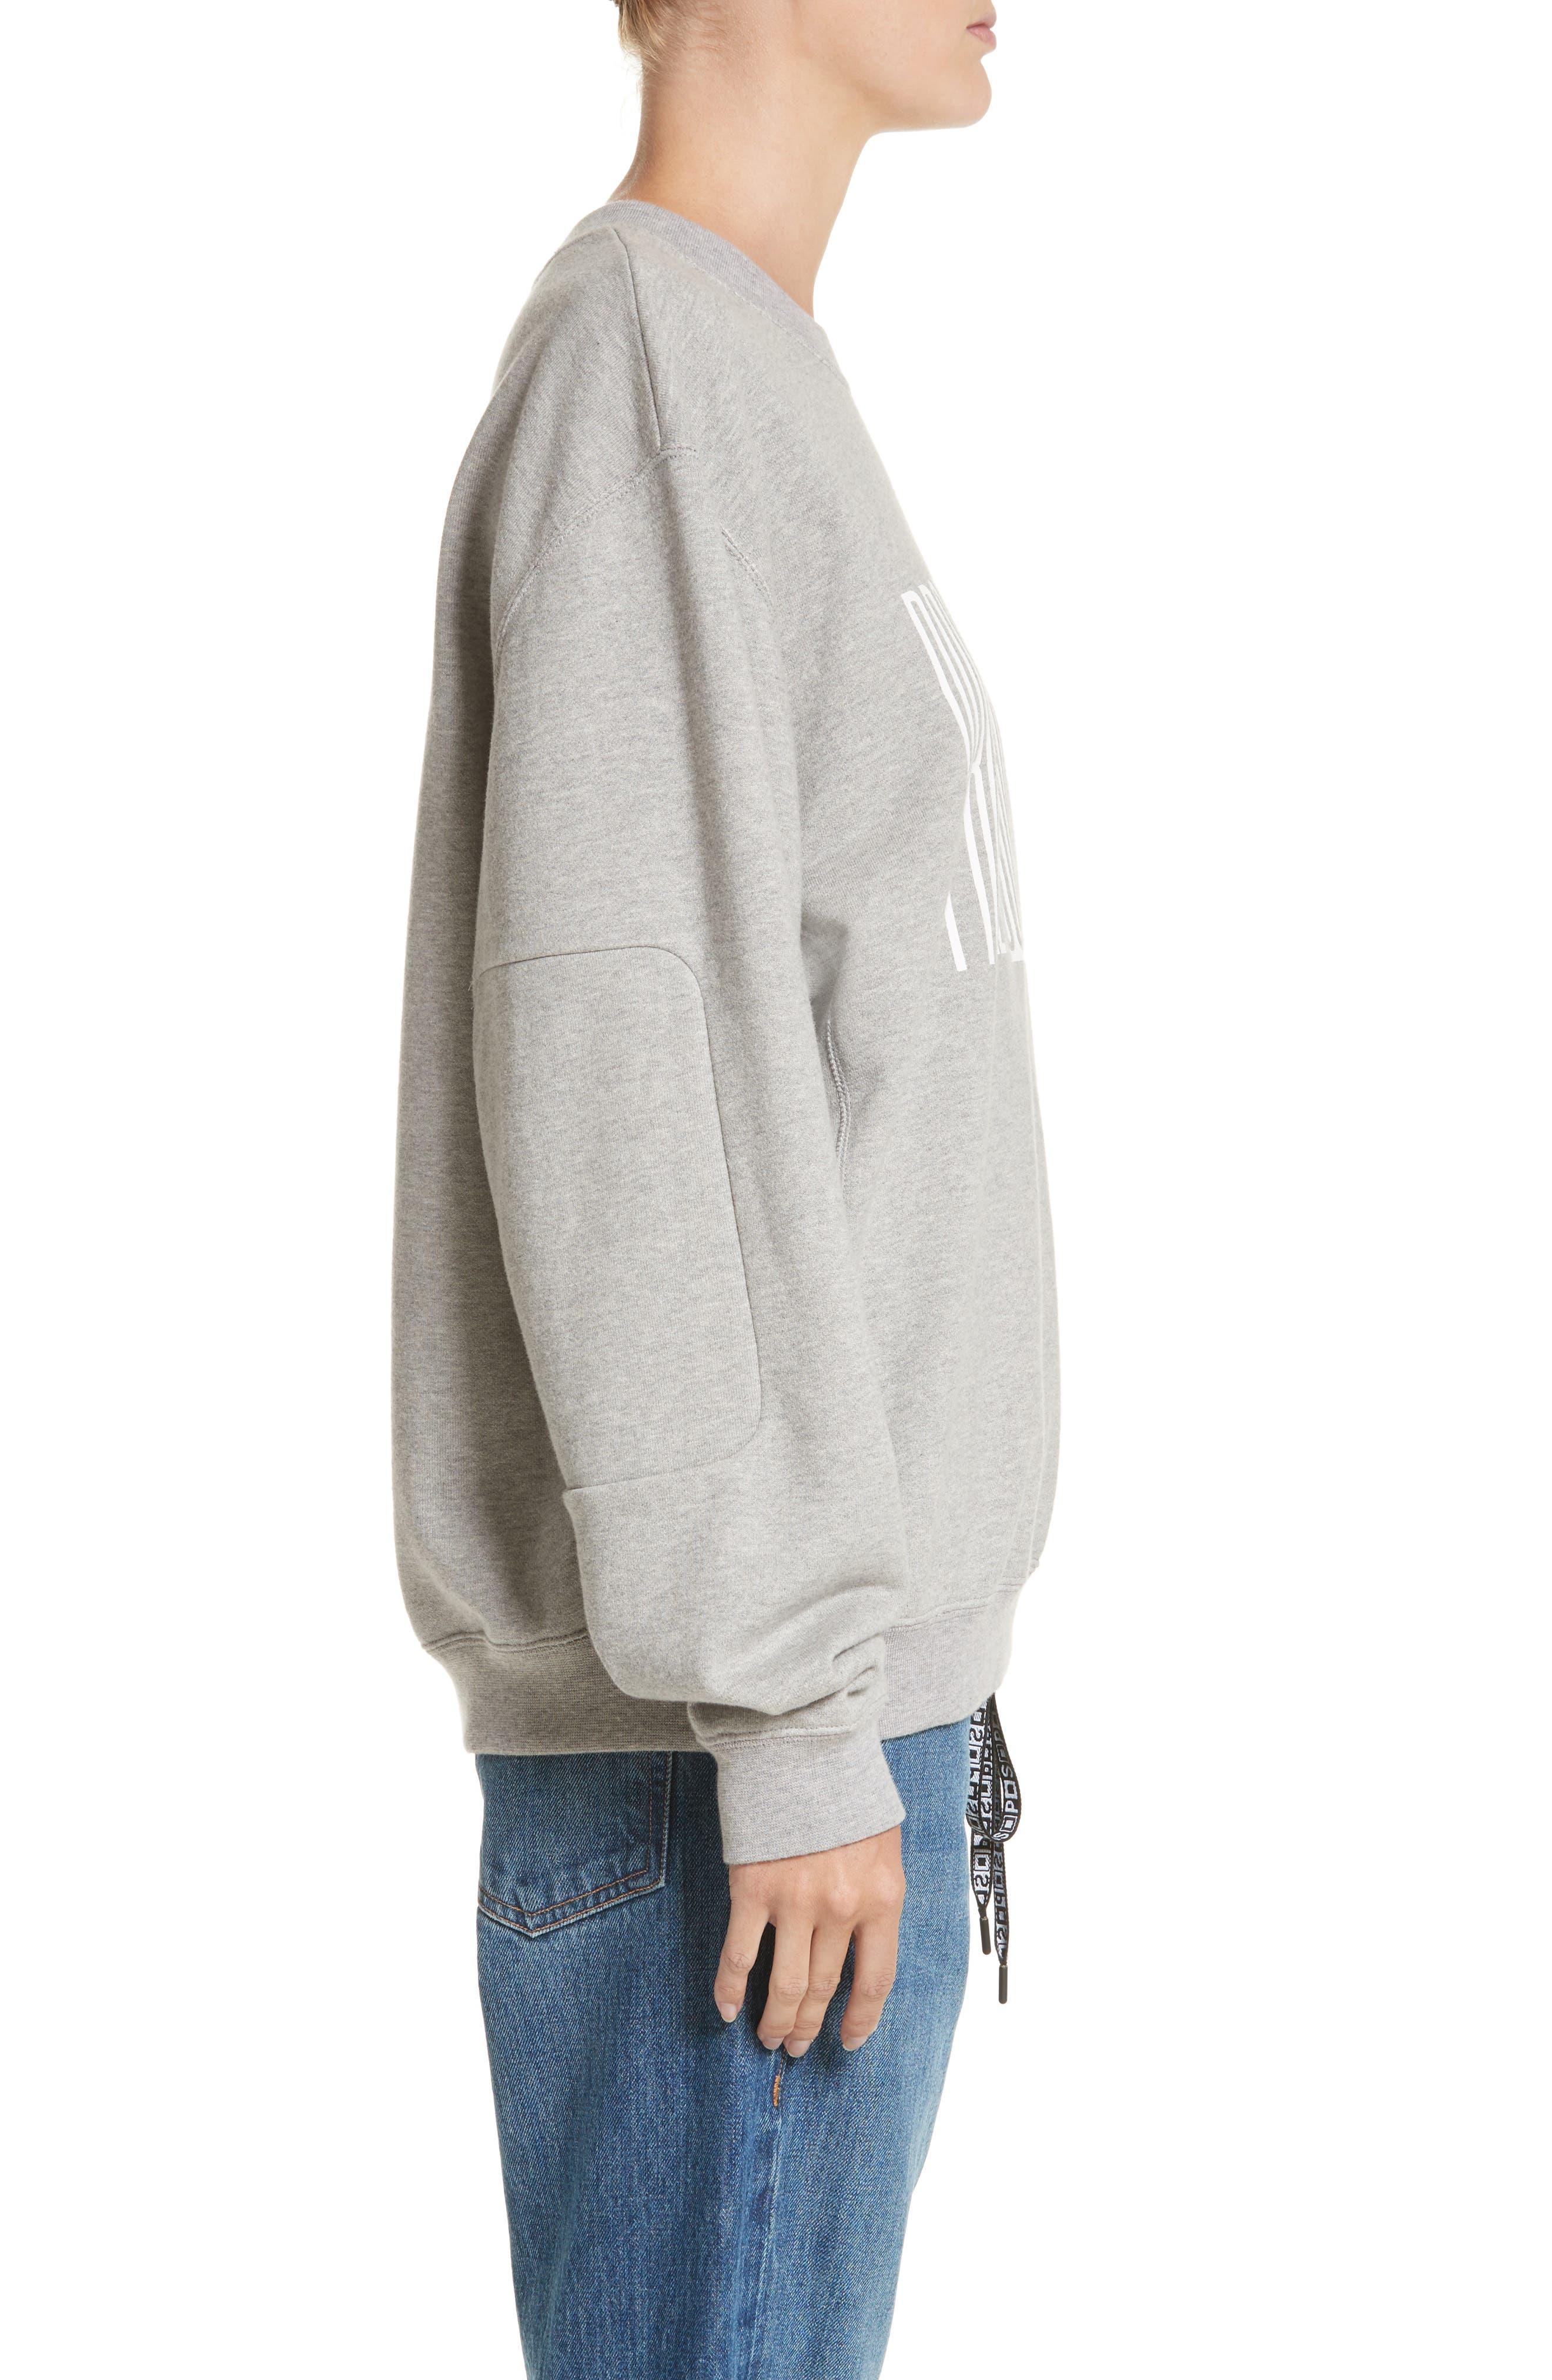 Alternate Image 3  - Proenza Schouler PSWL Graphic Jersey Oversize Sweatshirt